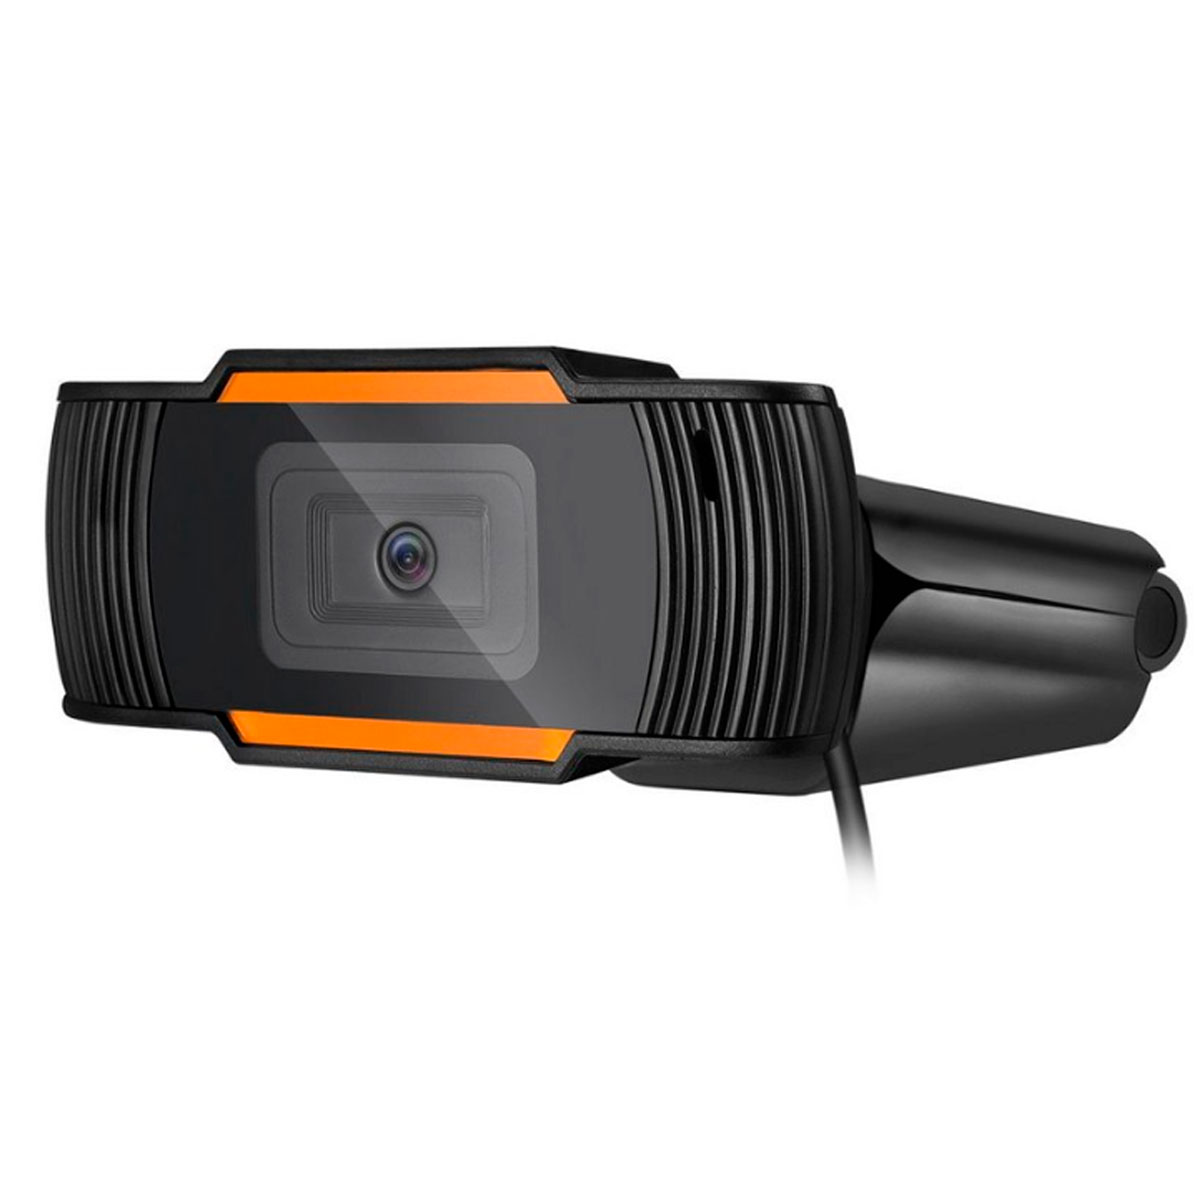 WebCam Brazil PC V5, Resolução HD 720p, Microfone, Preto/Laranja, USB